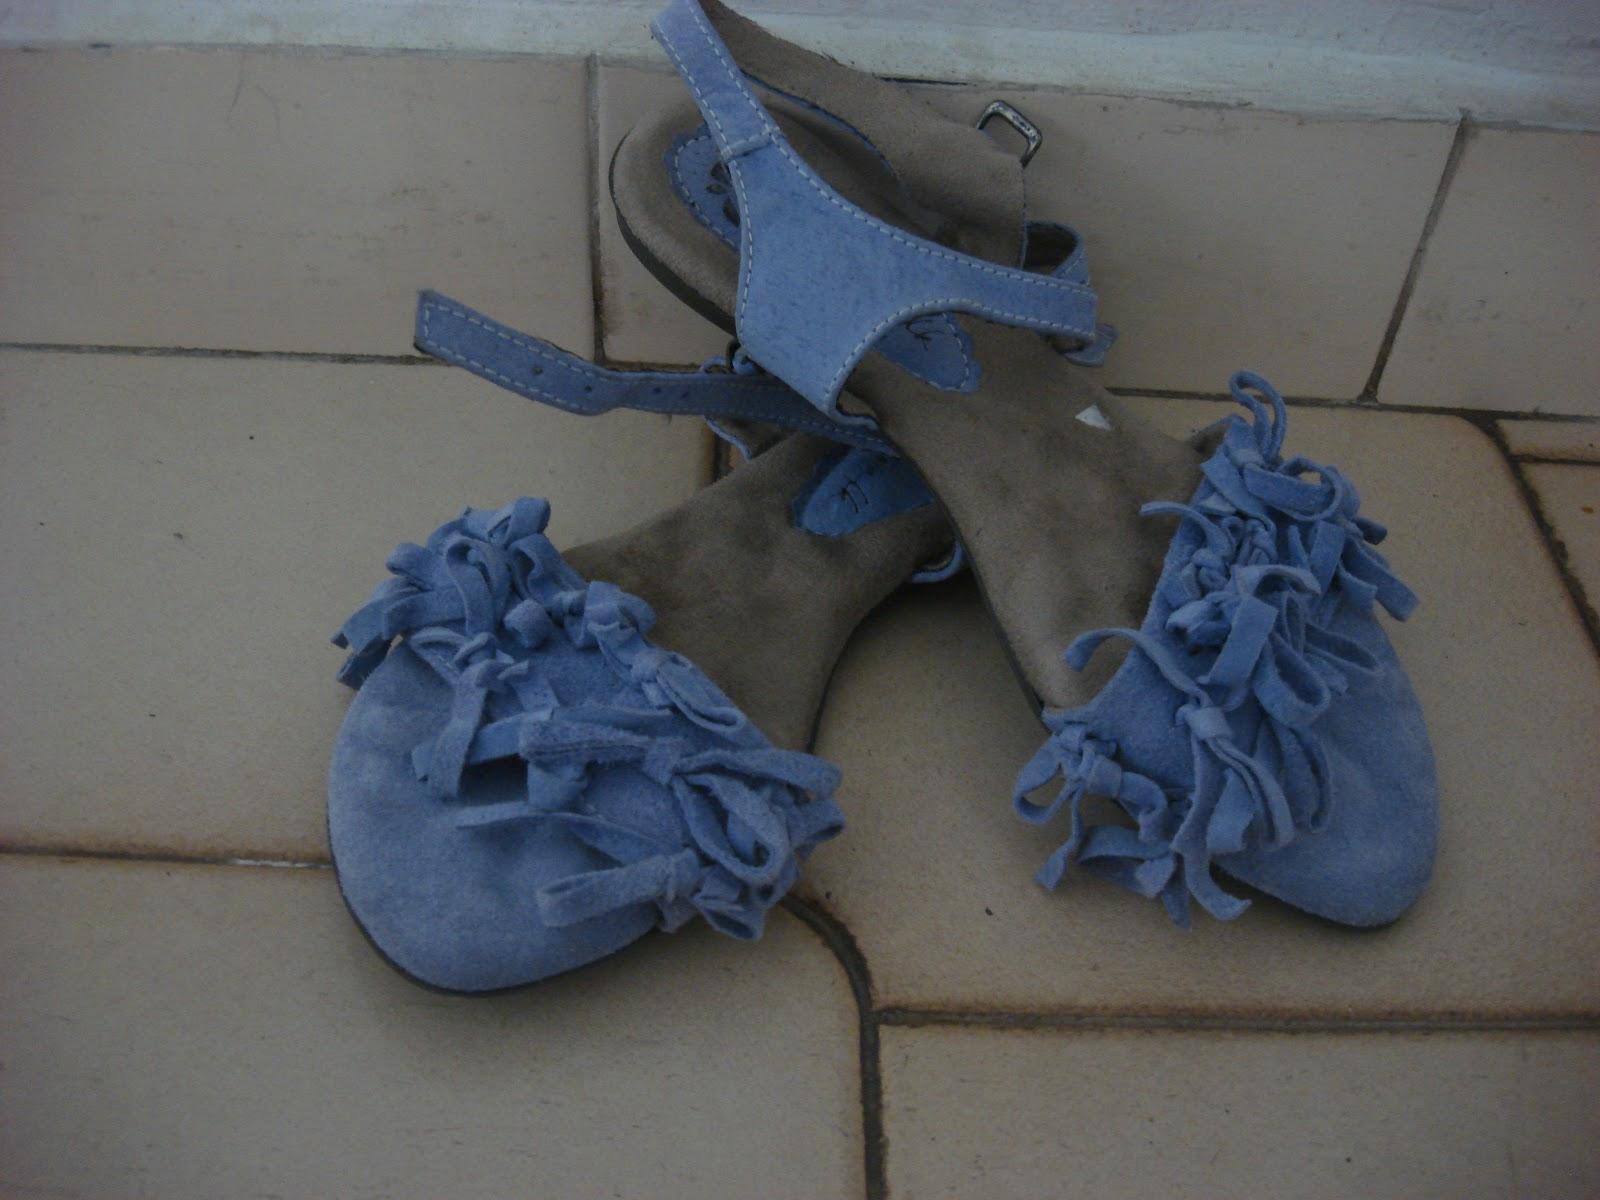 82f30085a5 E meu sapato rosa!! a Raiza fala que parece sapatinho de criança! Mas é  confortável e fofo!! Adoro!!